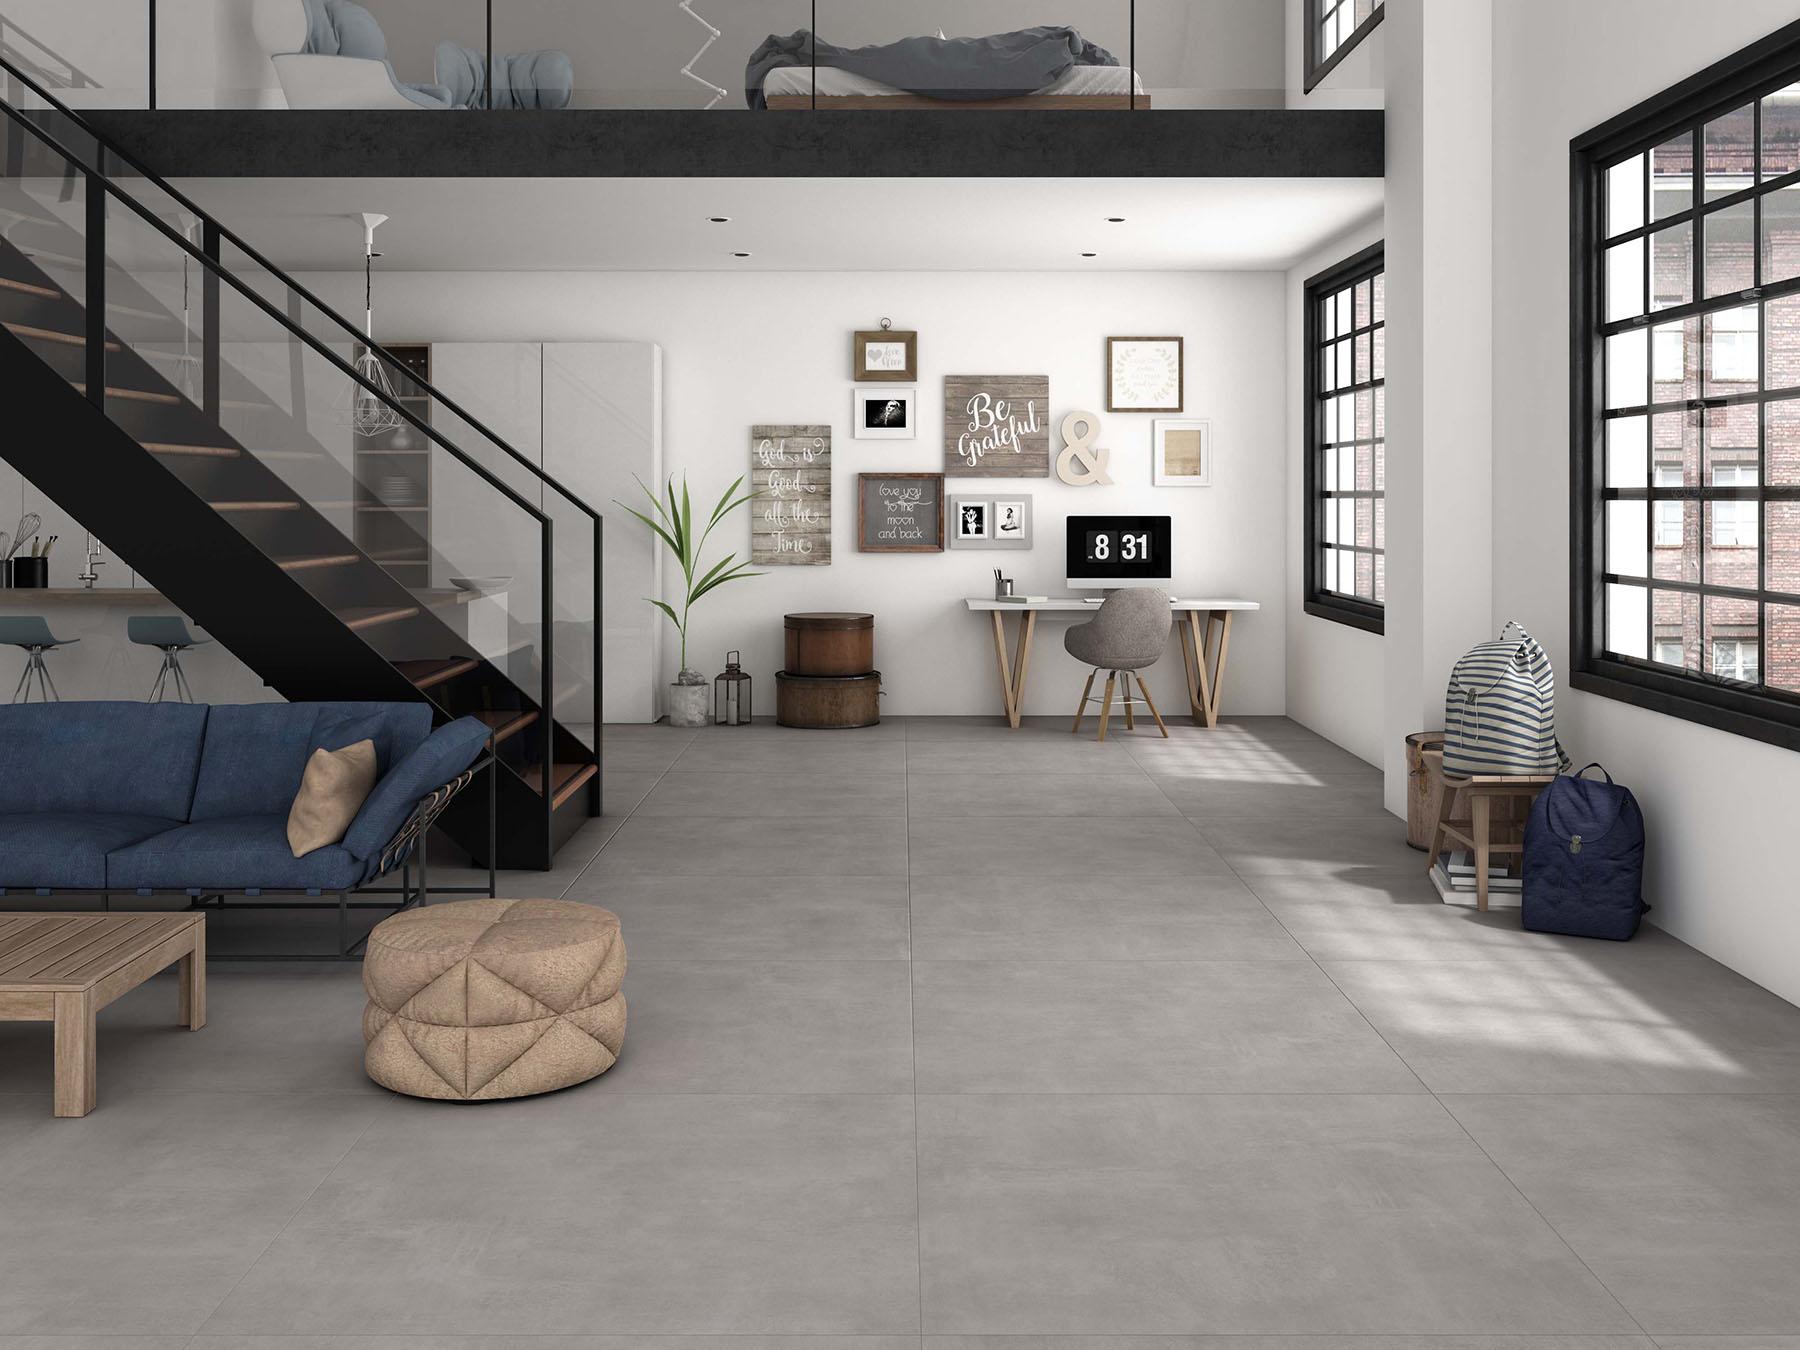 Architecte D Interieur Moselle carrelage sol intérieur grès-cérame série baltimore - vente